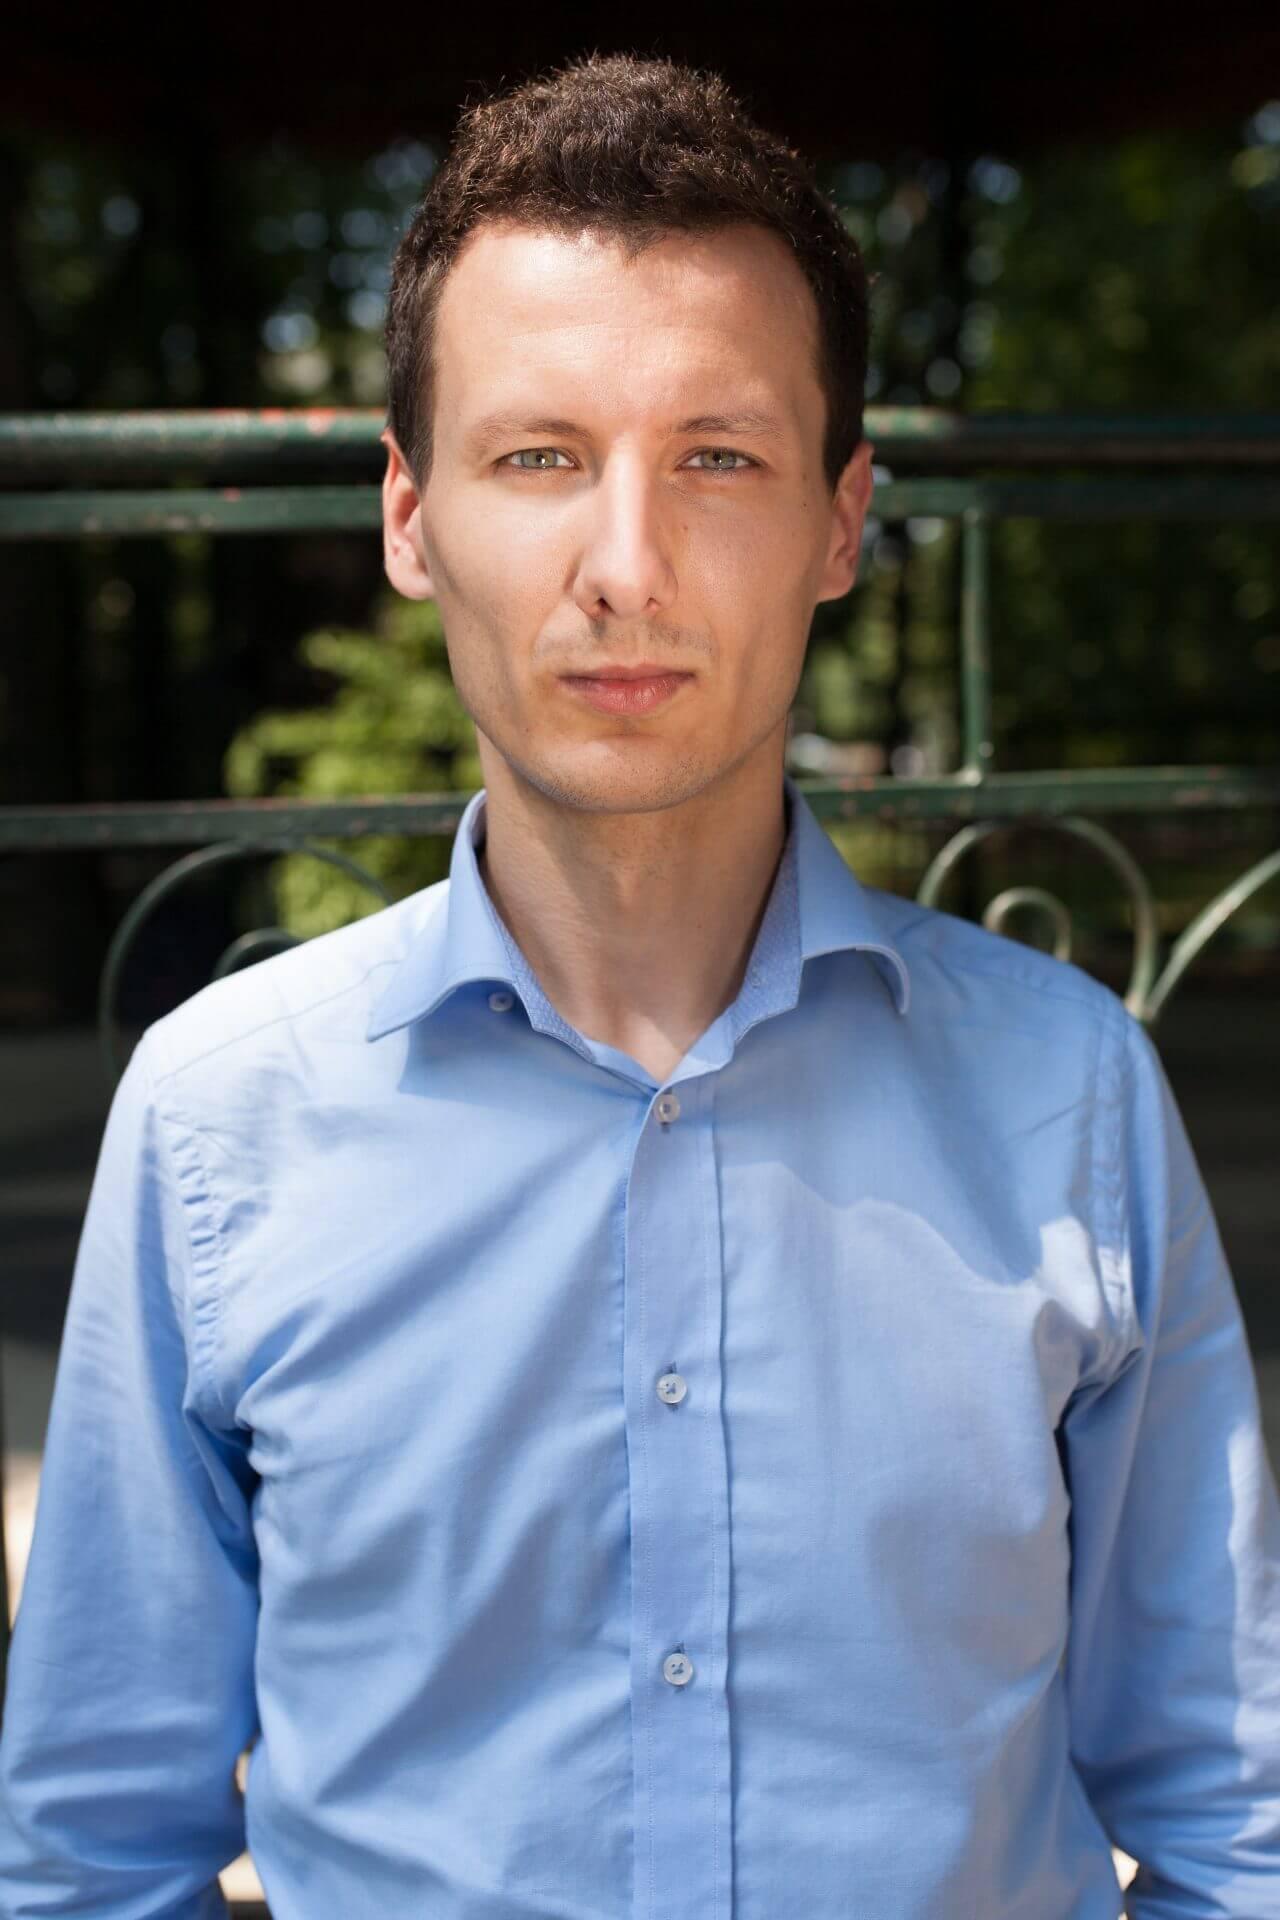 Piotr Jemioło